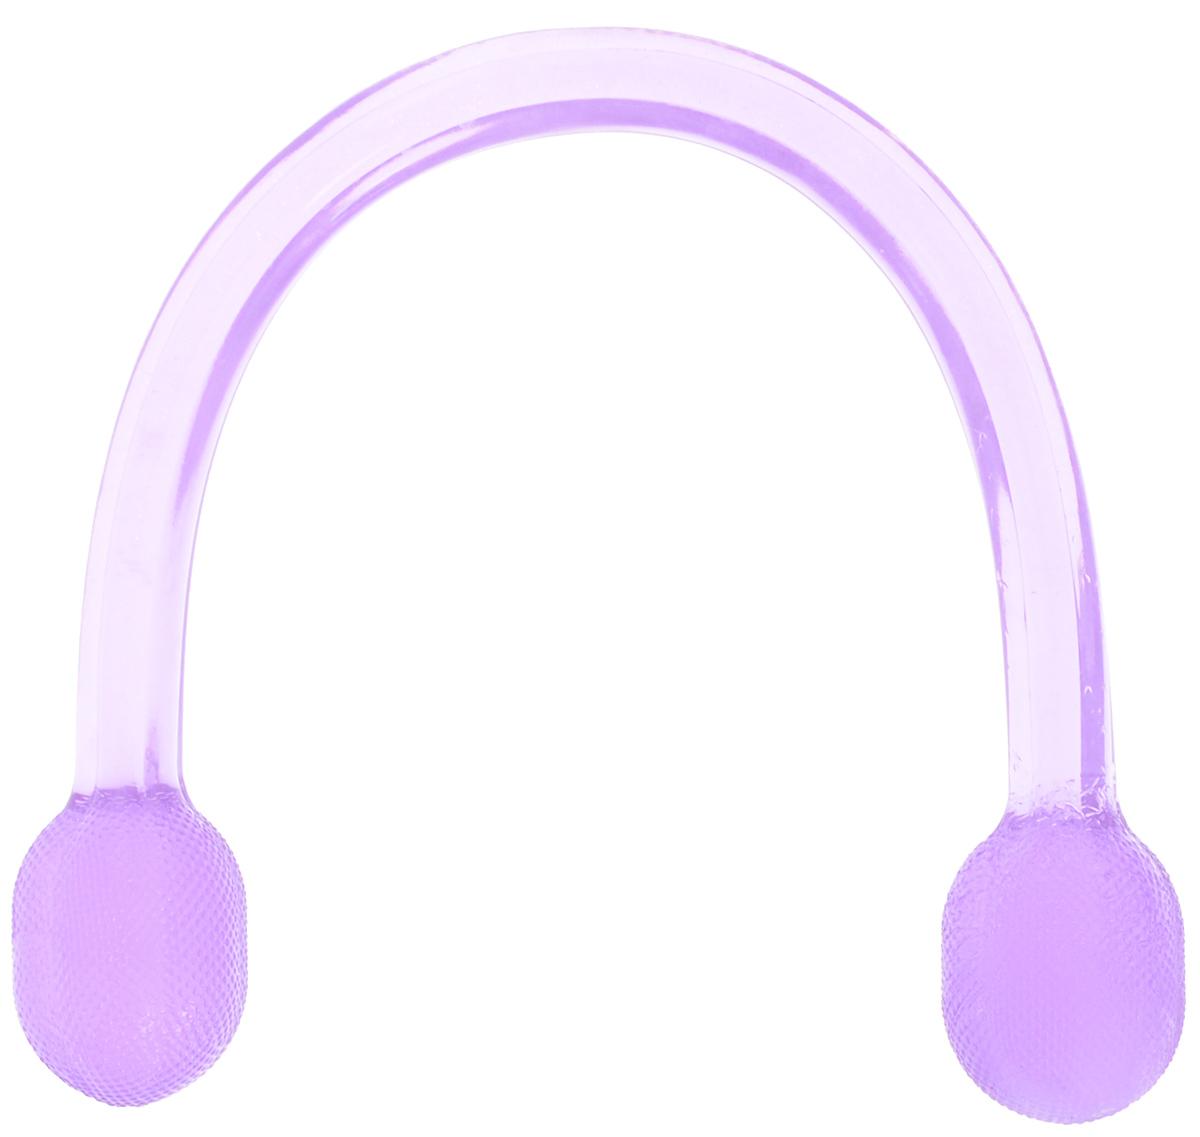 Эспандер плечевой Starfit, резиновый, цвет: фиолетовый, 36 см starfit